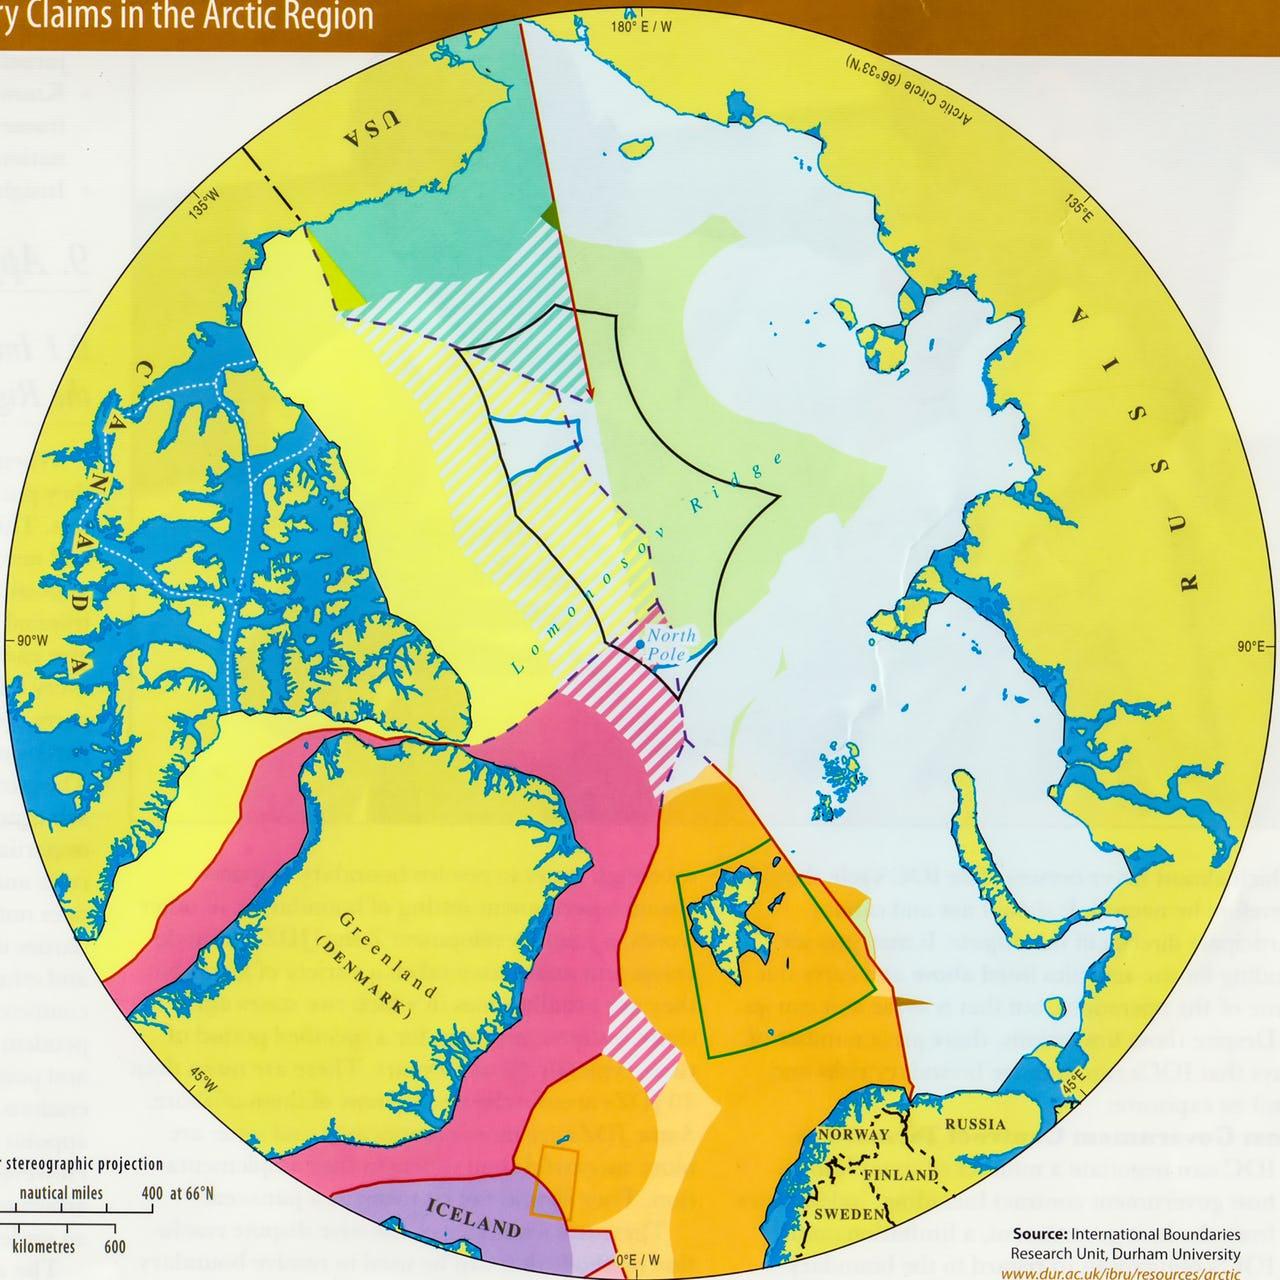 Map of Arctic region boundaries